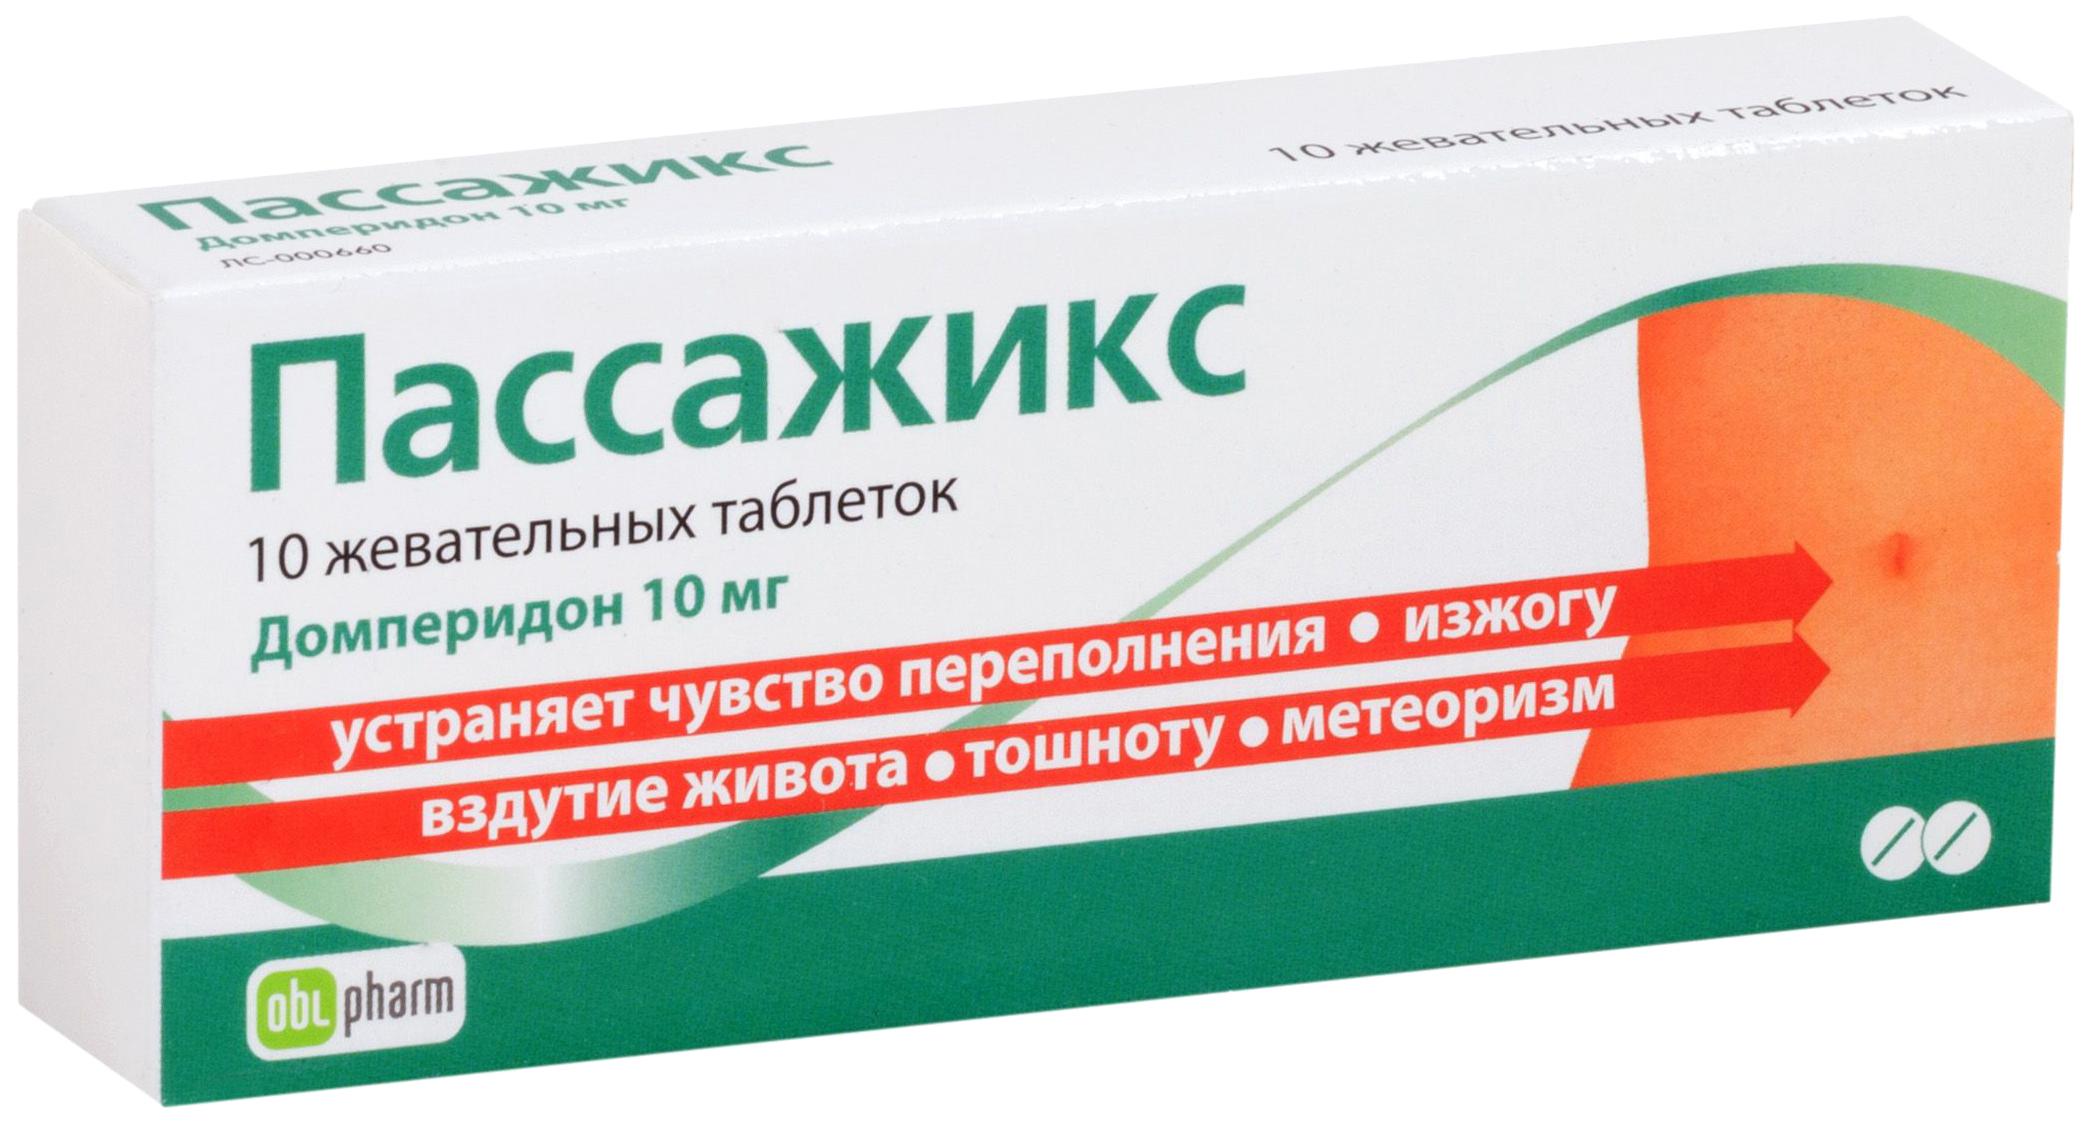 ПАССАЖИКС таблетки 10 мг 10 шт.